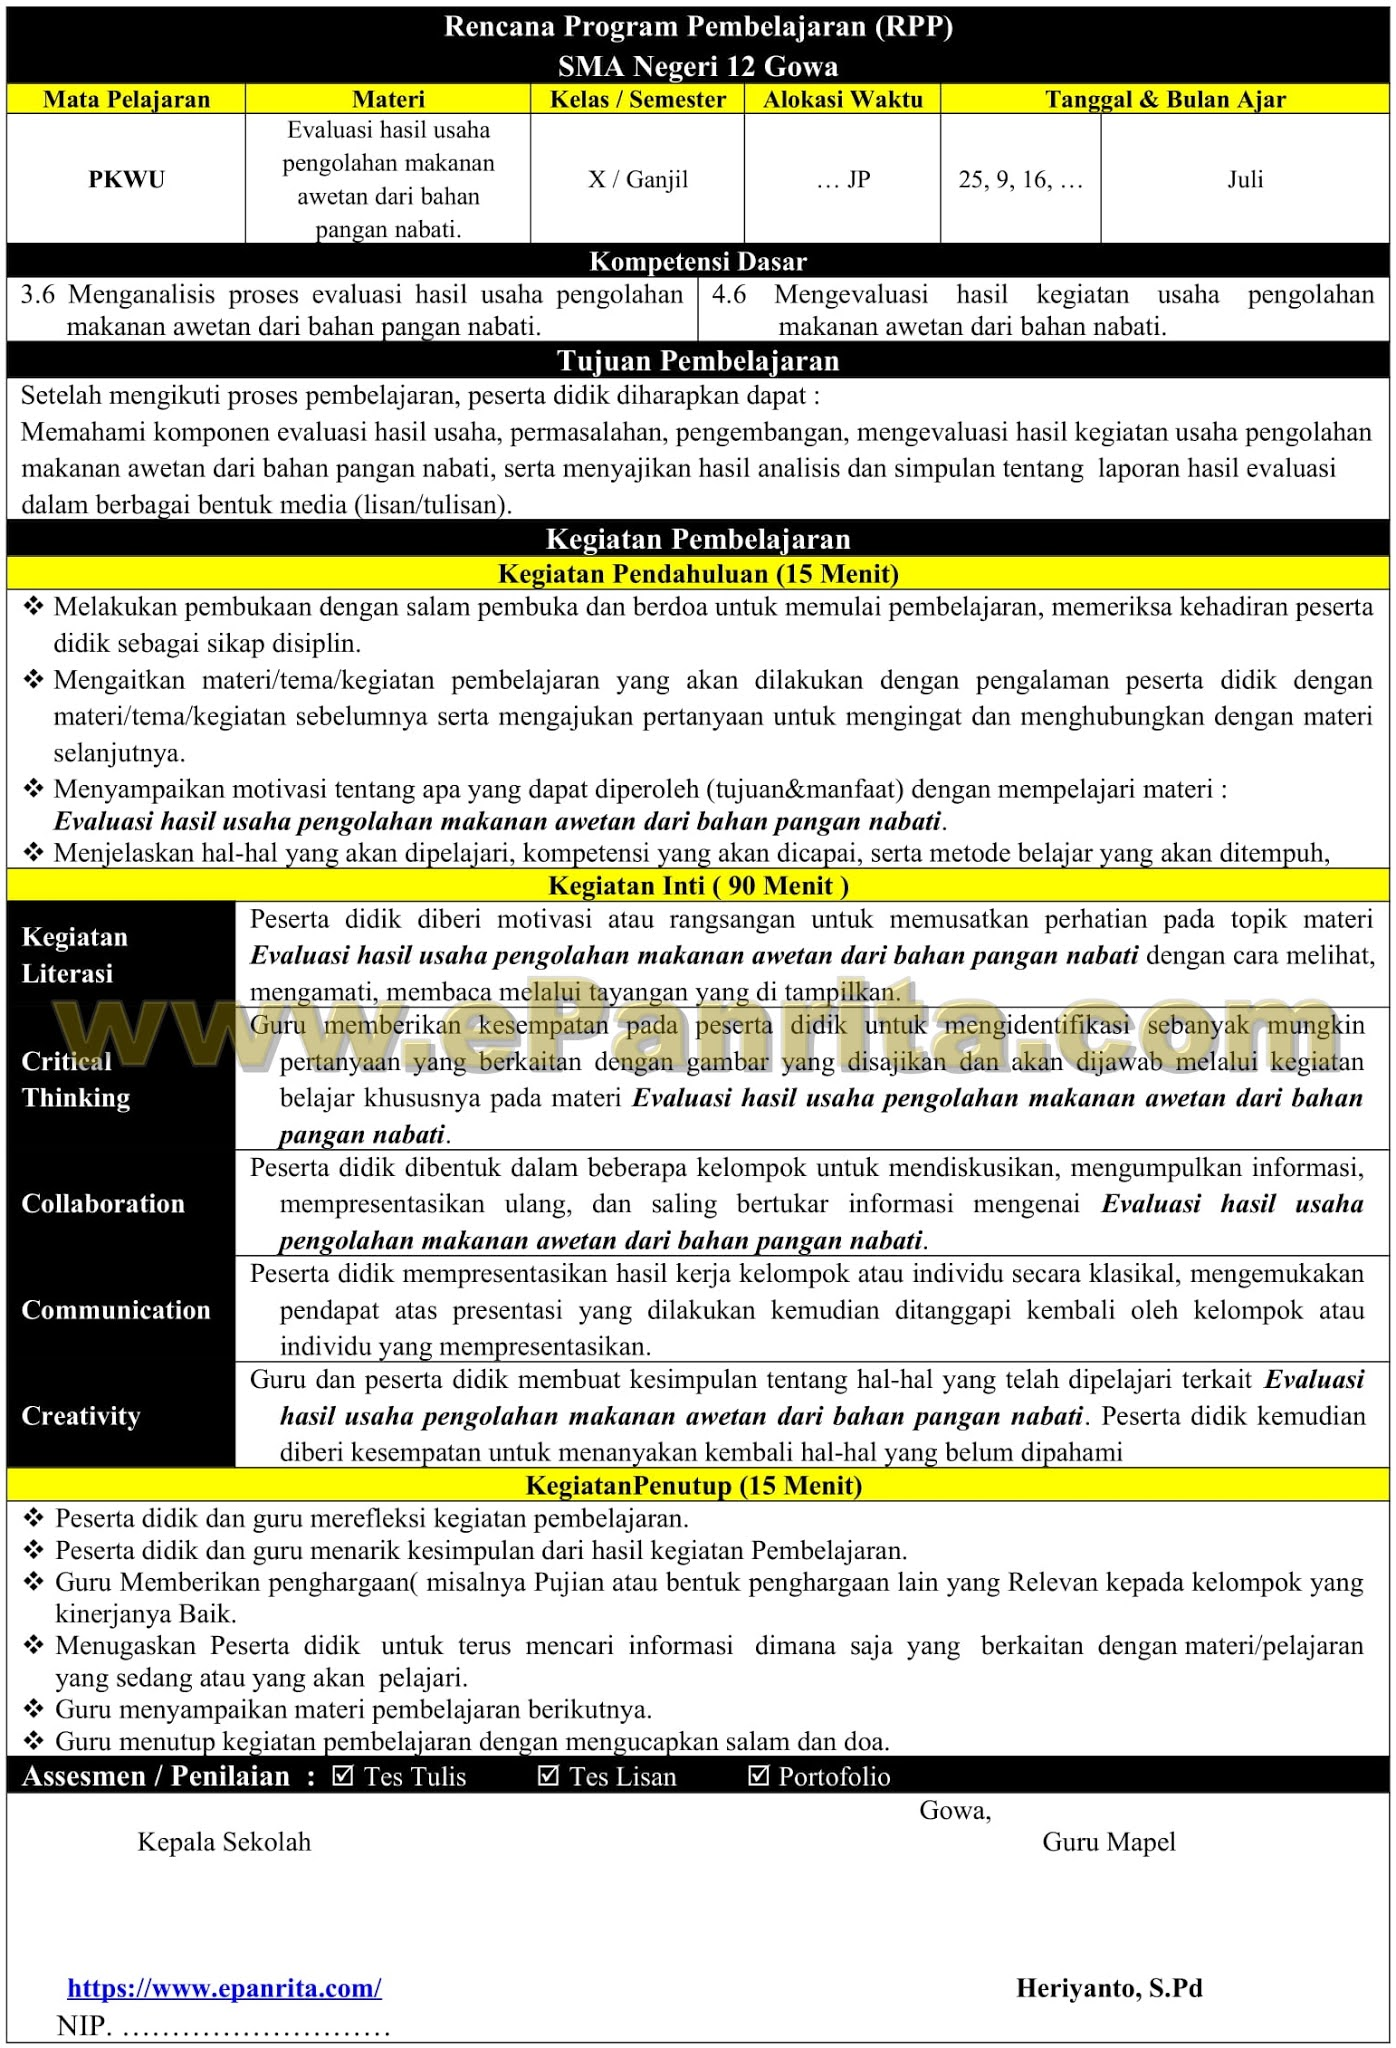 RPP 1 Halaman Prakarya Aspek Pengolahan (Evaluasi hasil usaha pengolahan makanan awetan dari bahan pangan nabati)